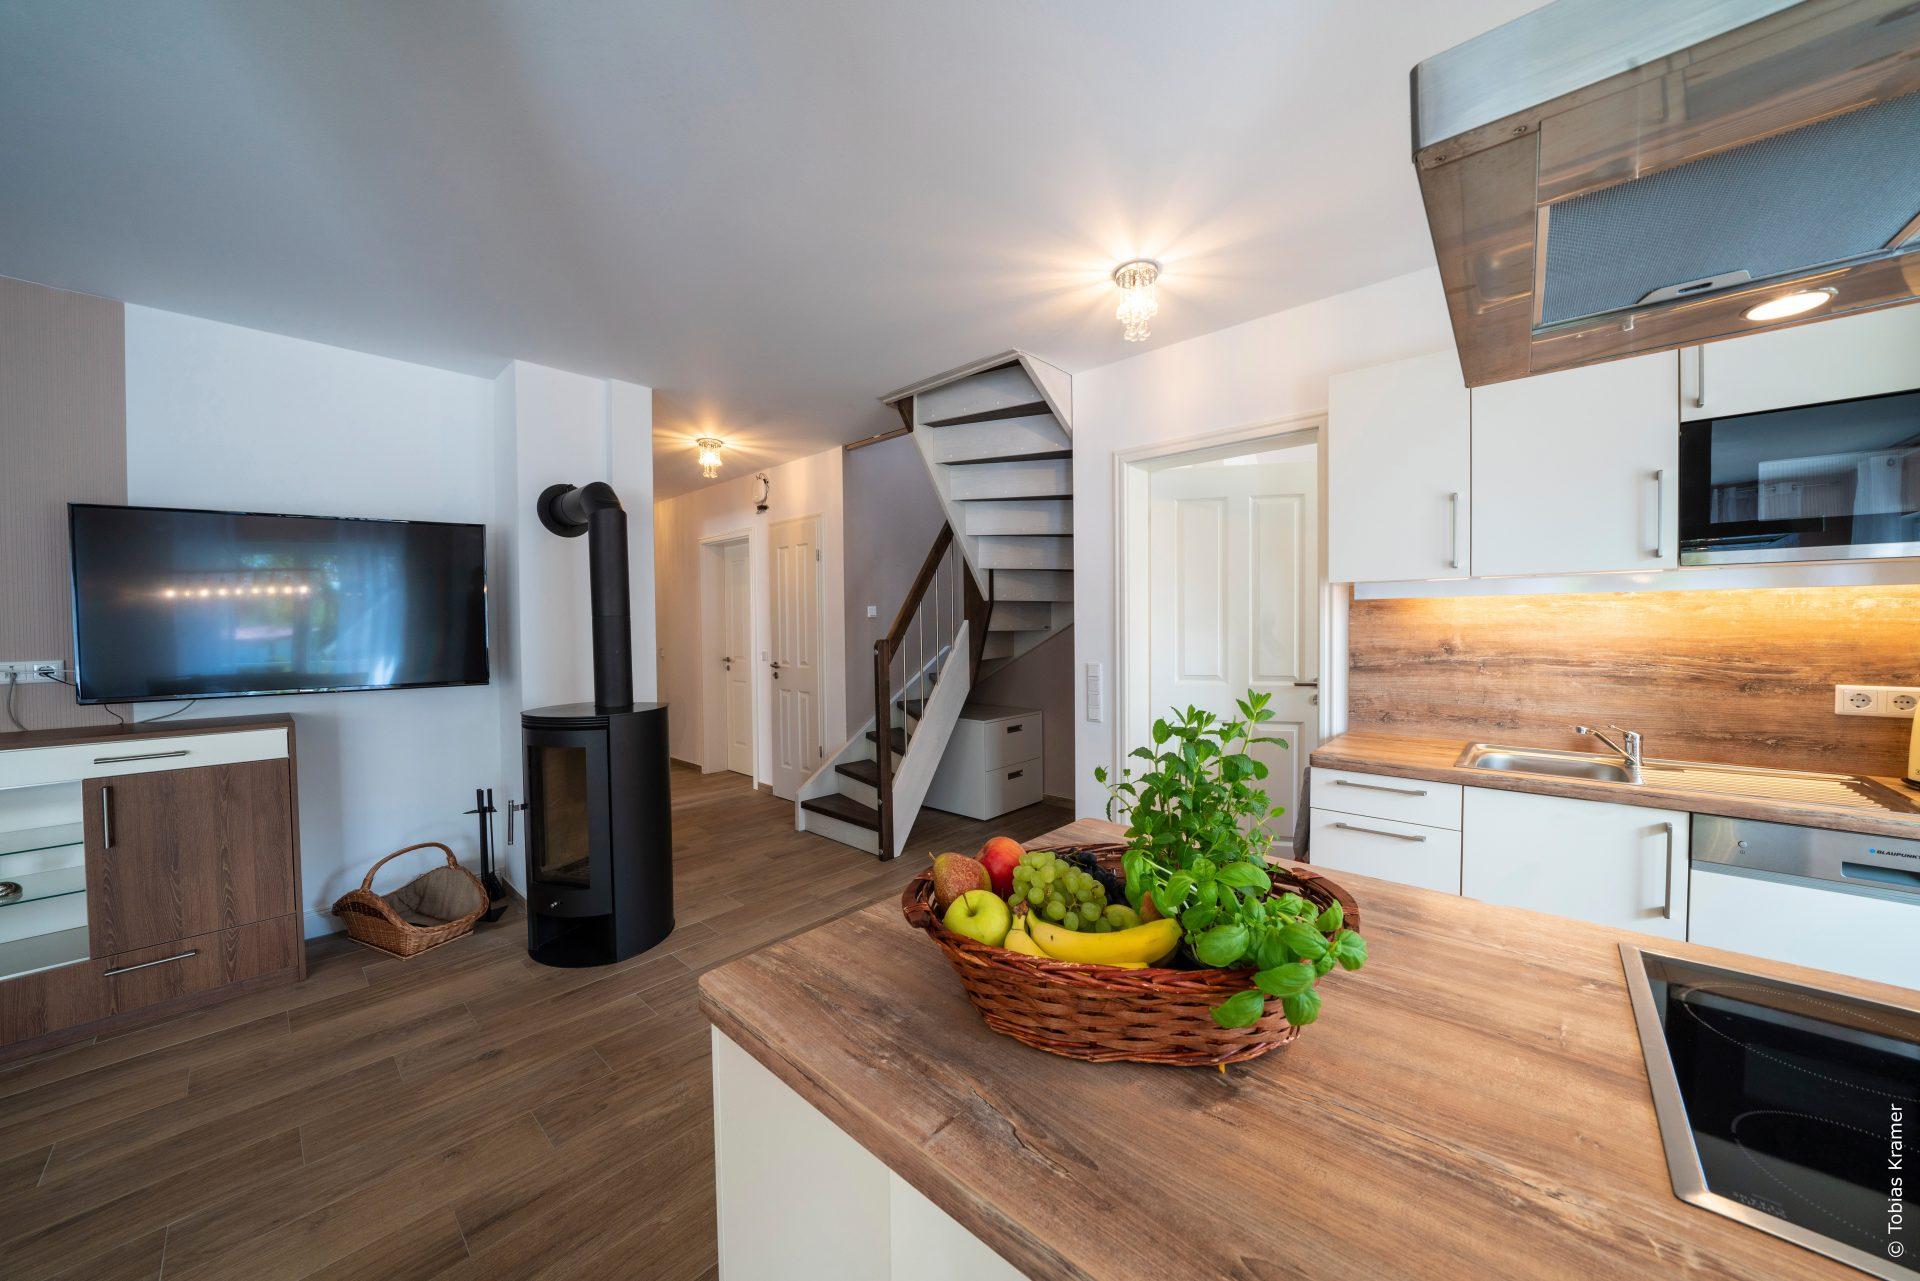 Wohnzimmer mit Kamin und TV